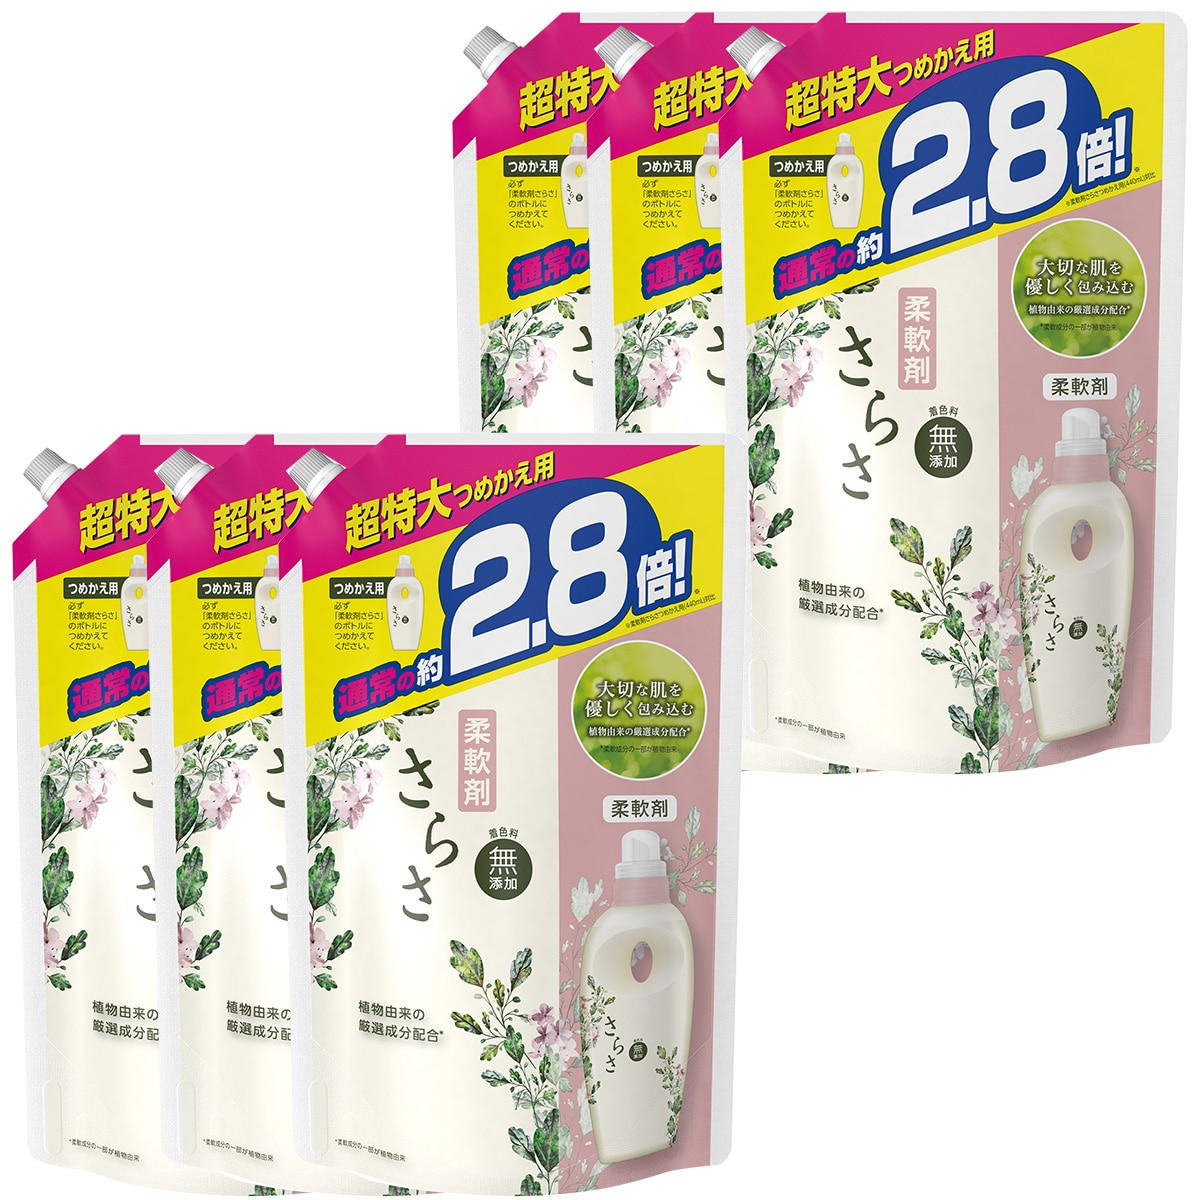 P&G さらさ 無添加 植物由来の成分入り 柔軟剤 詰め替え 約2.8倍(1250mL)×6袋